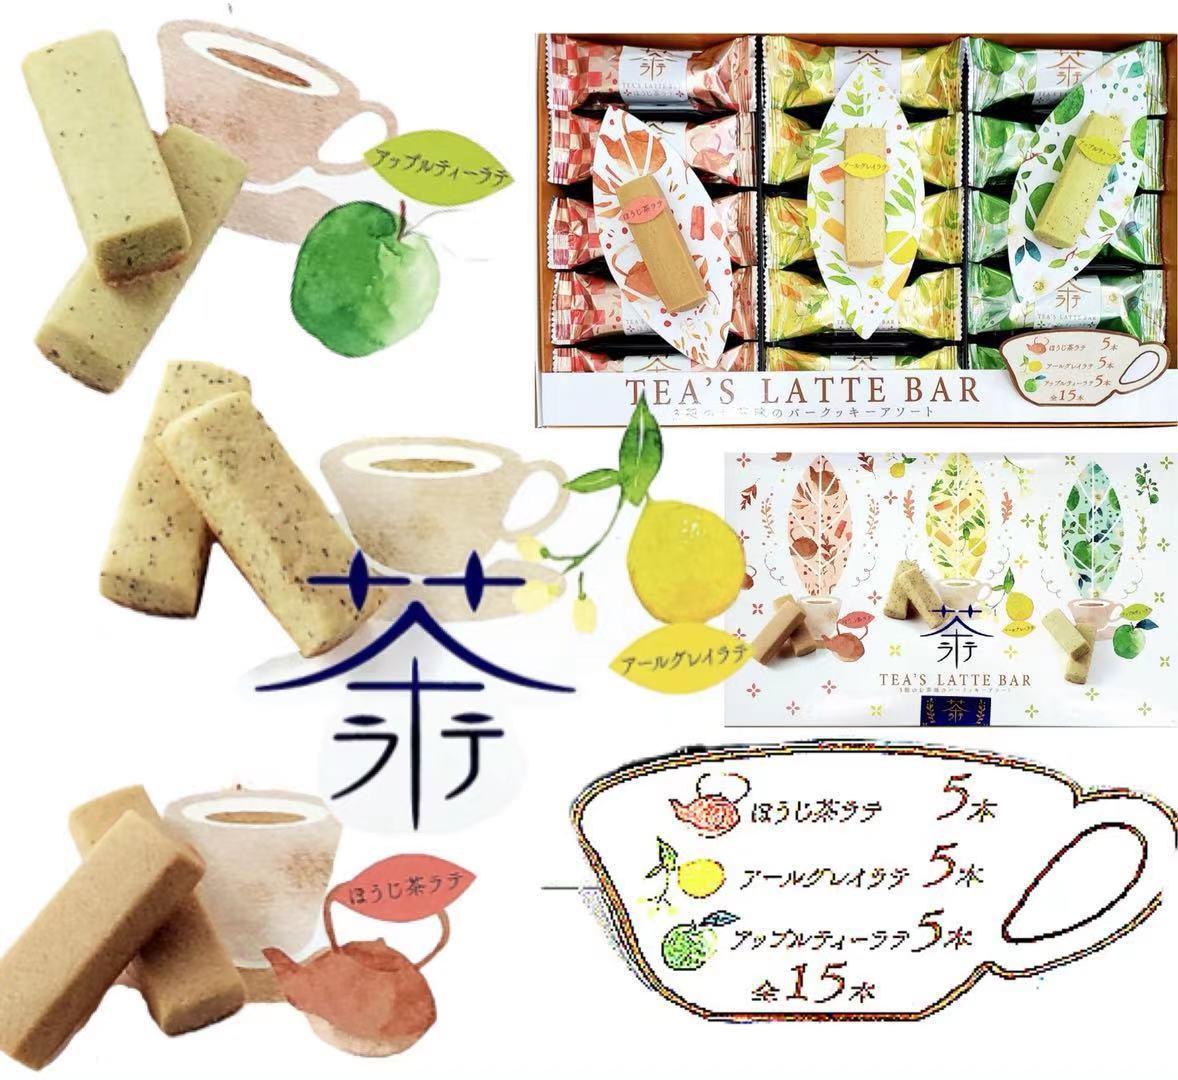 安値 お気に入り 3種のお茶☆ 茶ラテバー 15個 静岡 富士山 伊豆 土産